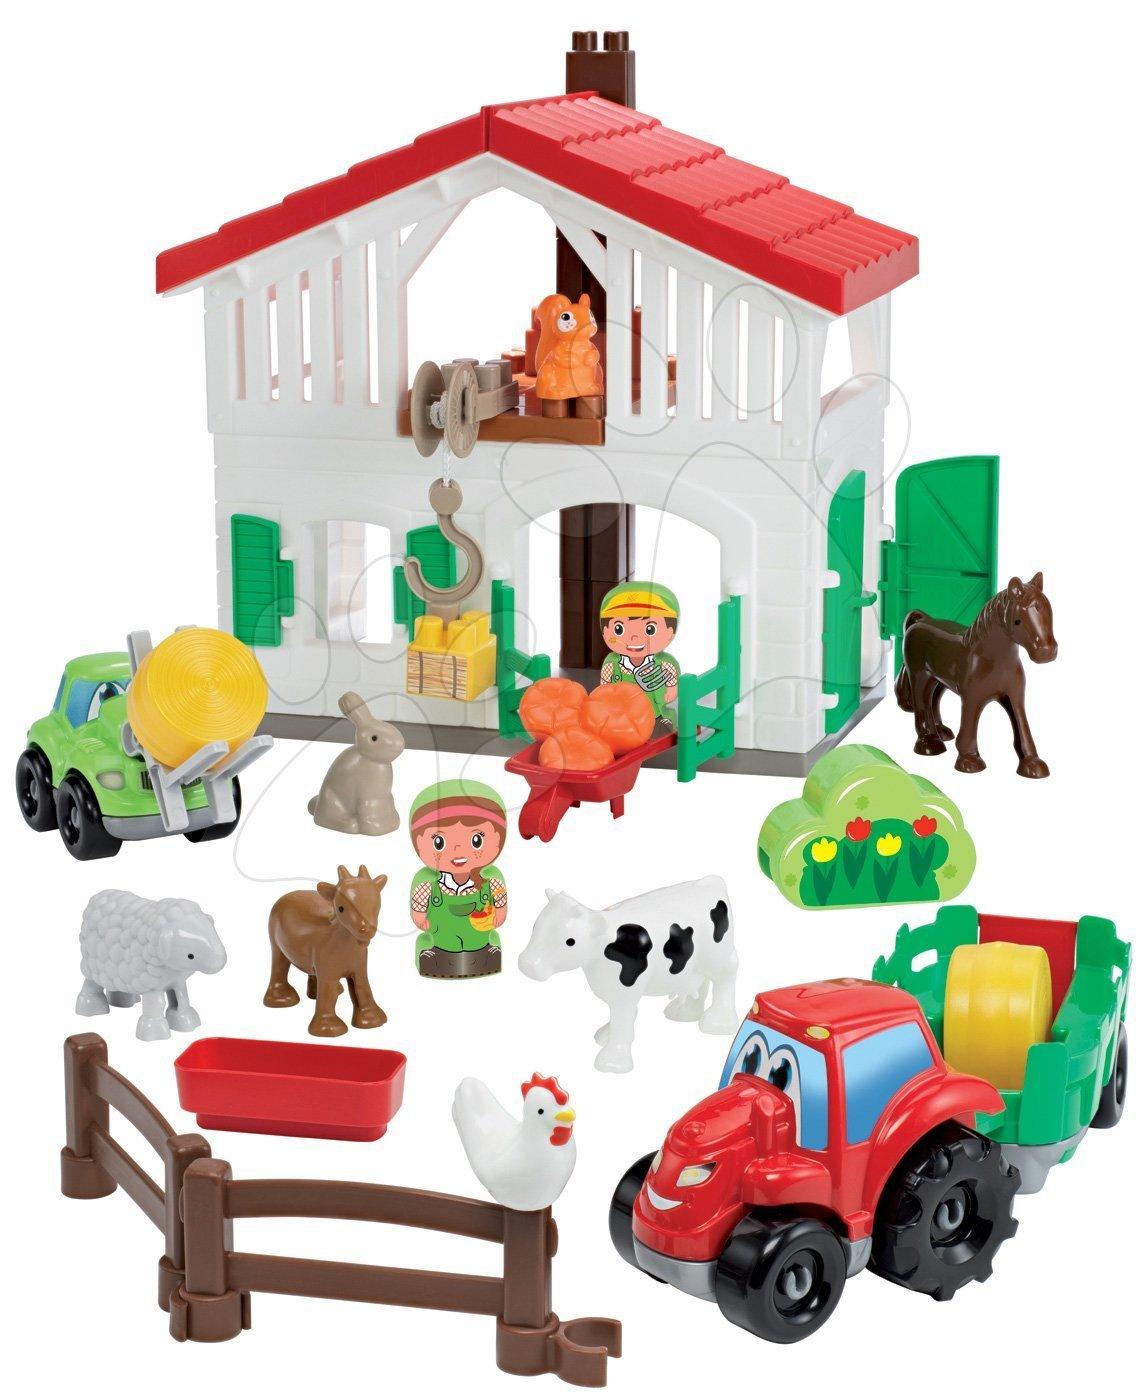 Écoiffier stavebnica farma s traktorom Abrick so 7 zvieratkami a 2 farmármi 3021